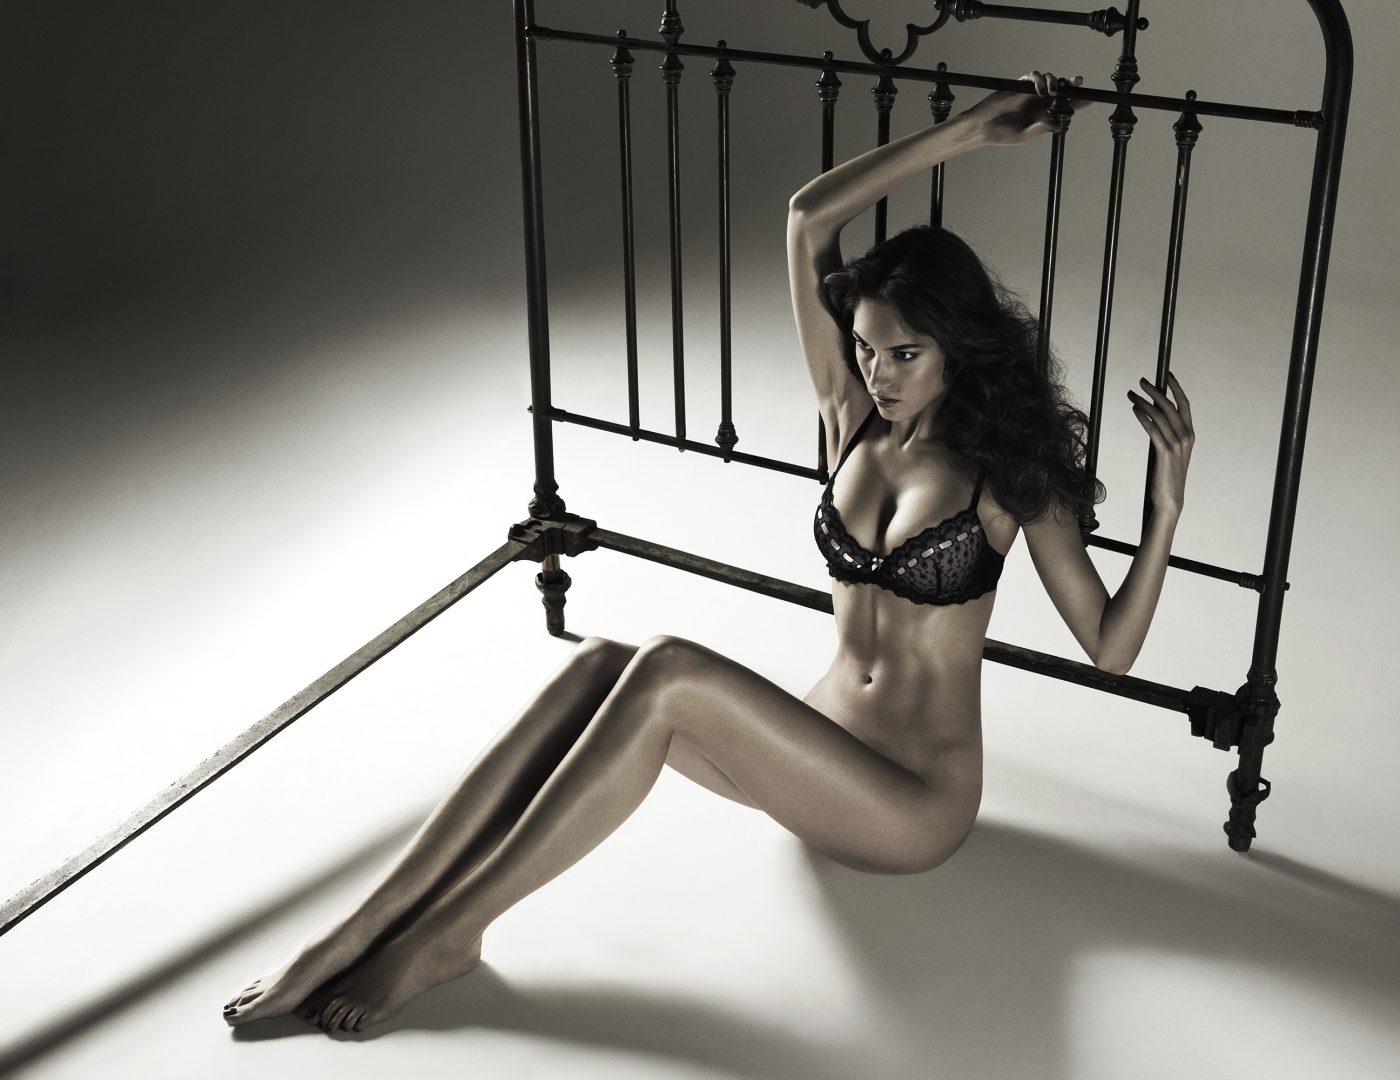 Girl in lingerie sitting on floor by Stefan Rappo